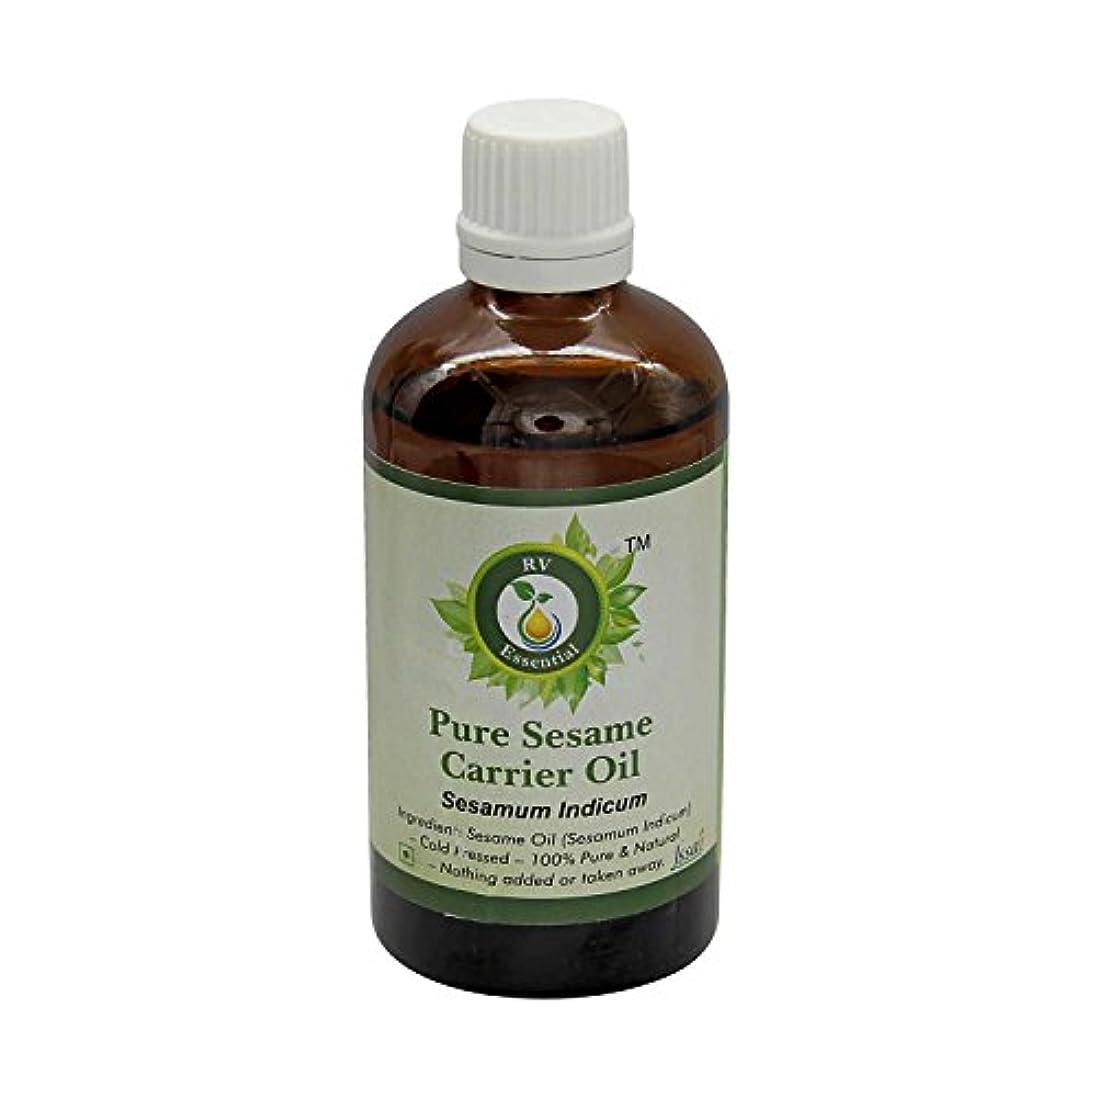 シチリアエールイサカR V Essential 純粋なごま油15ml (0.507oz)- Sesamum Indicum (100%ピュア&ナチュラルコールドPressed) Pure Sesame Carrier Oil